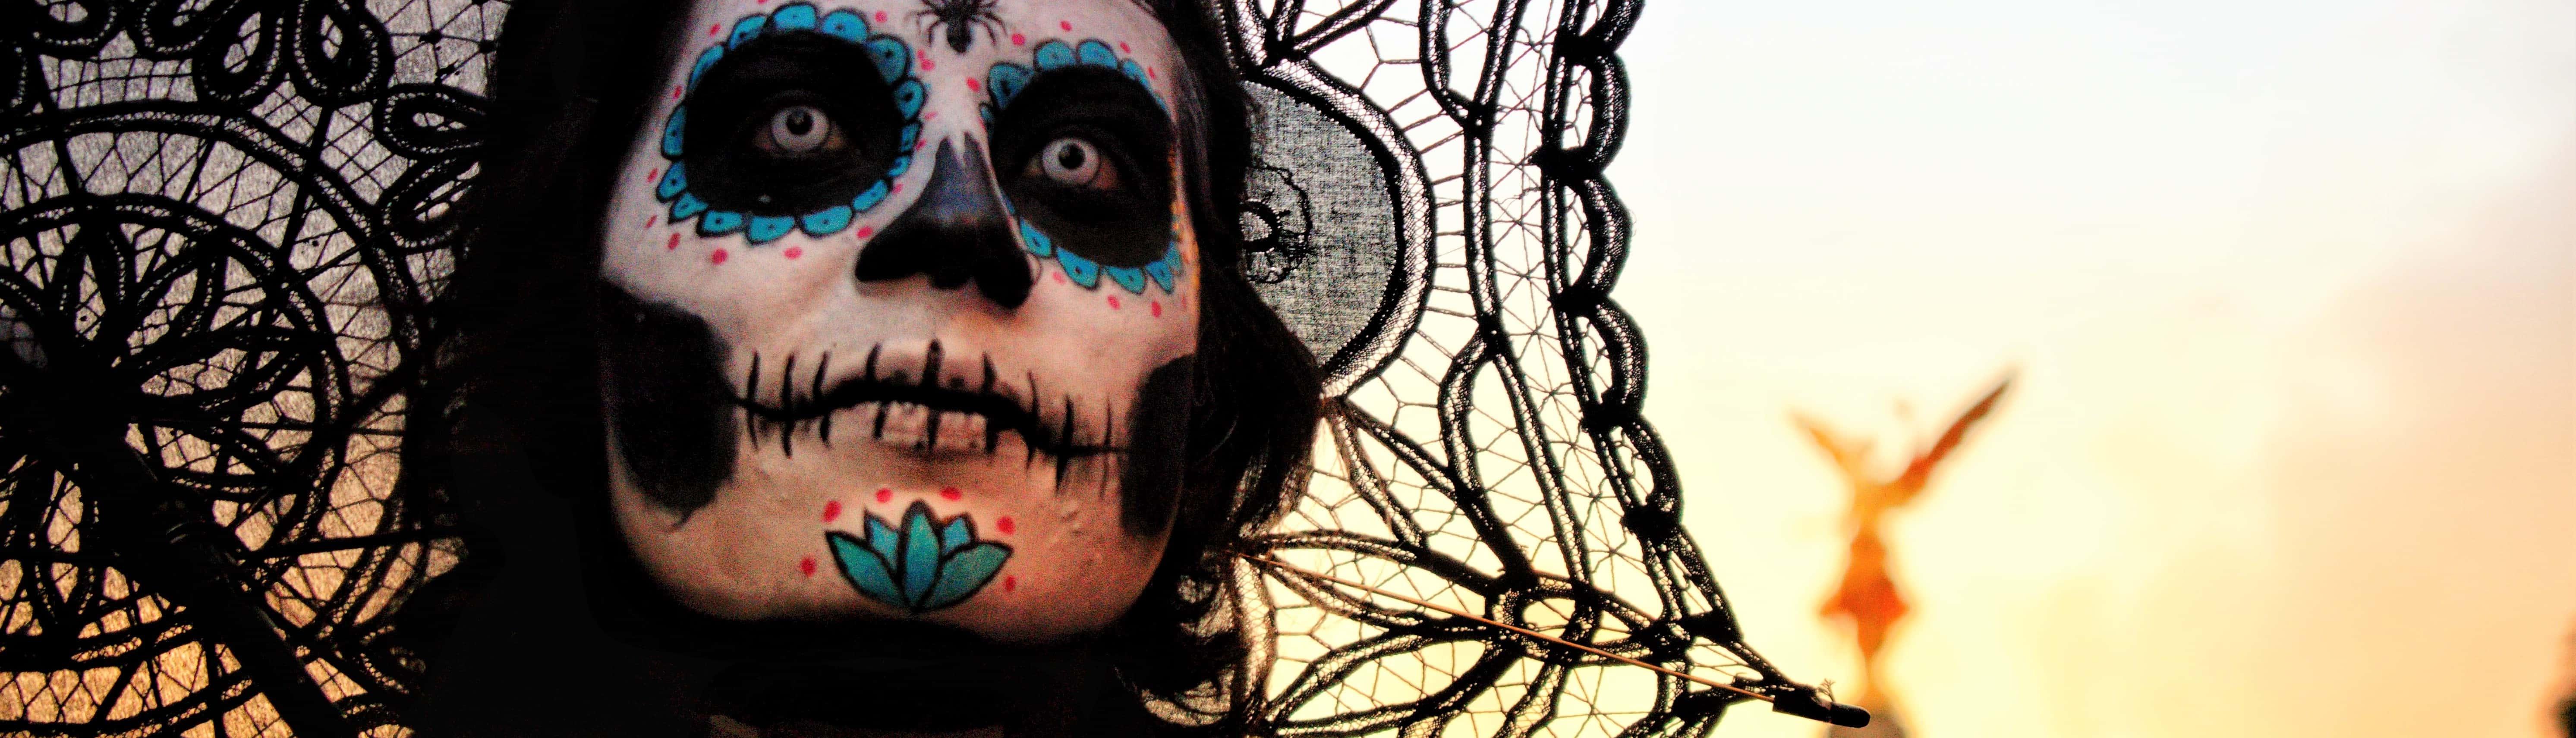 Día de los muertos - célébrations et déguisements au Mexique